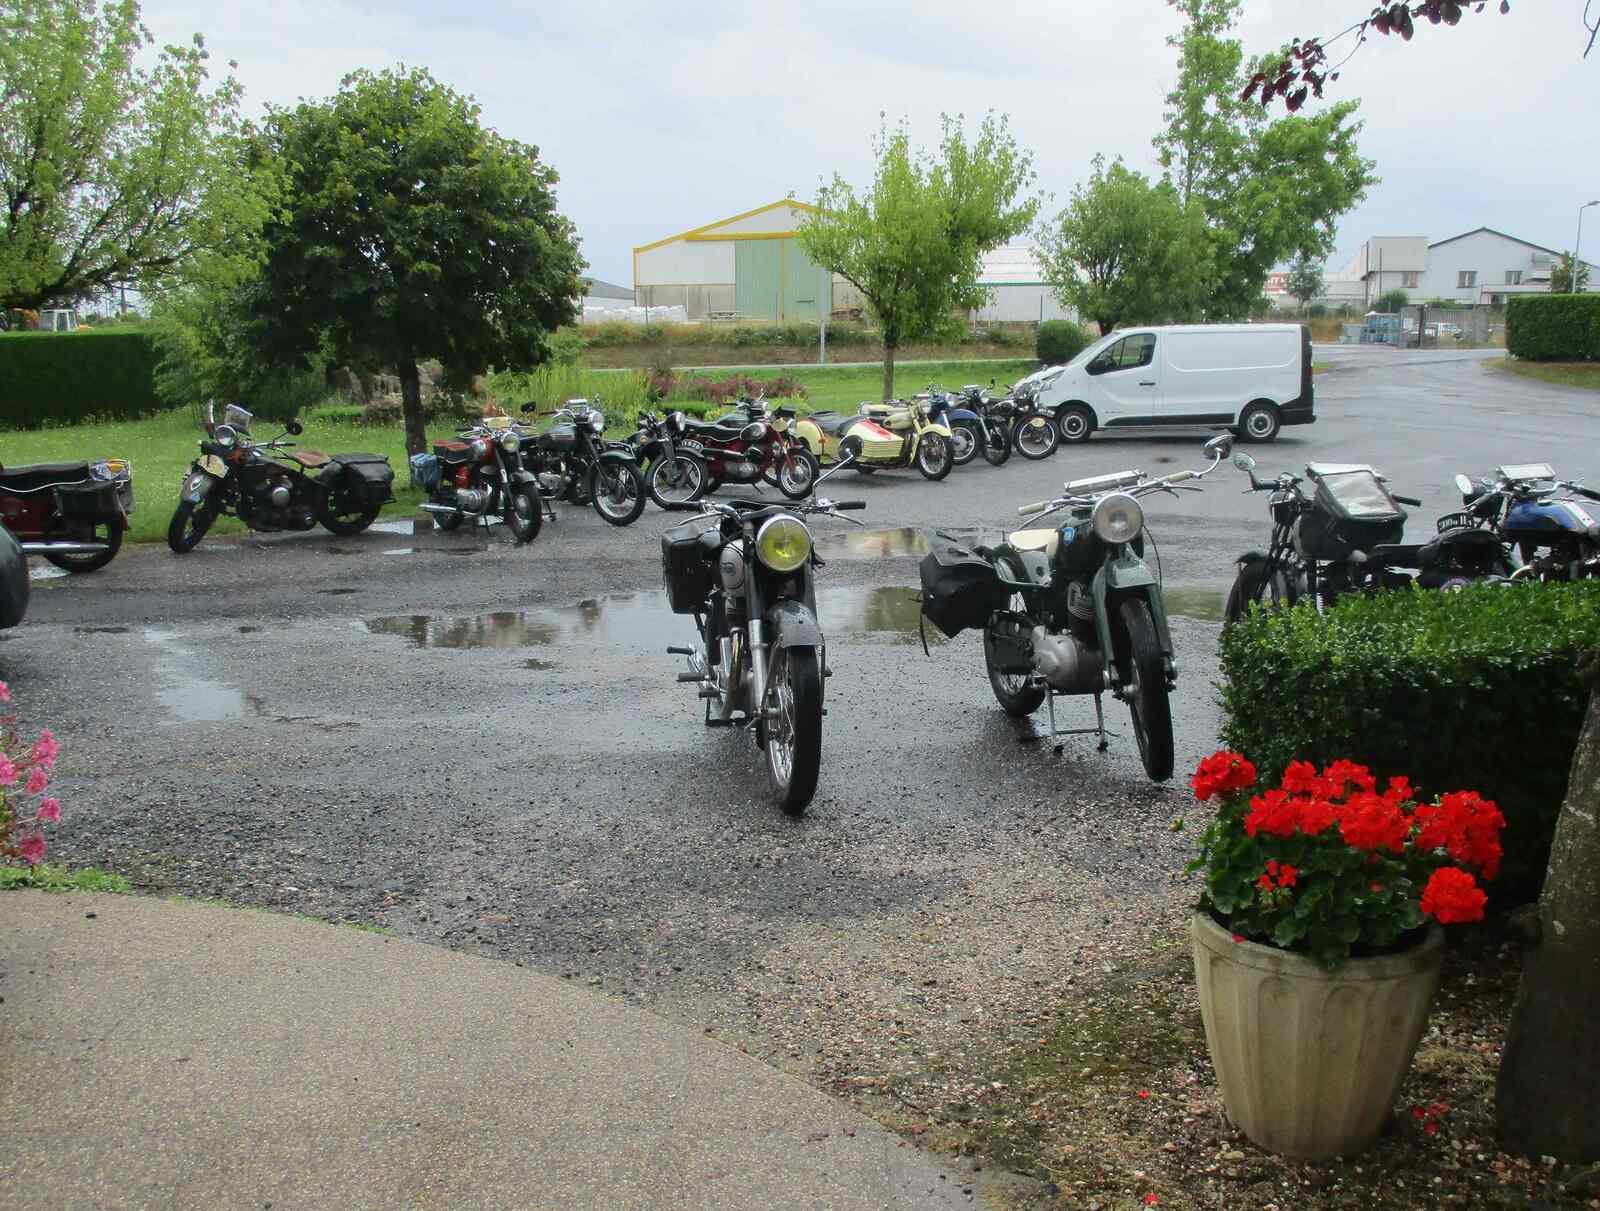 Le Tour du Quercy Rouergue, juillet 2021